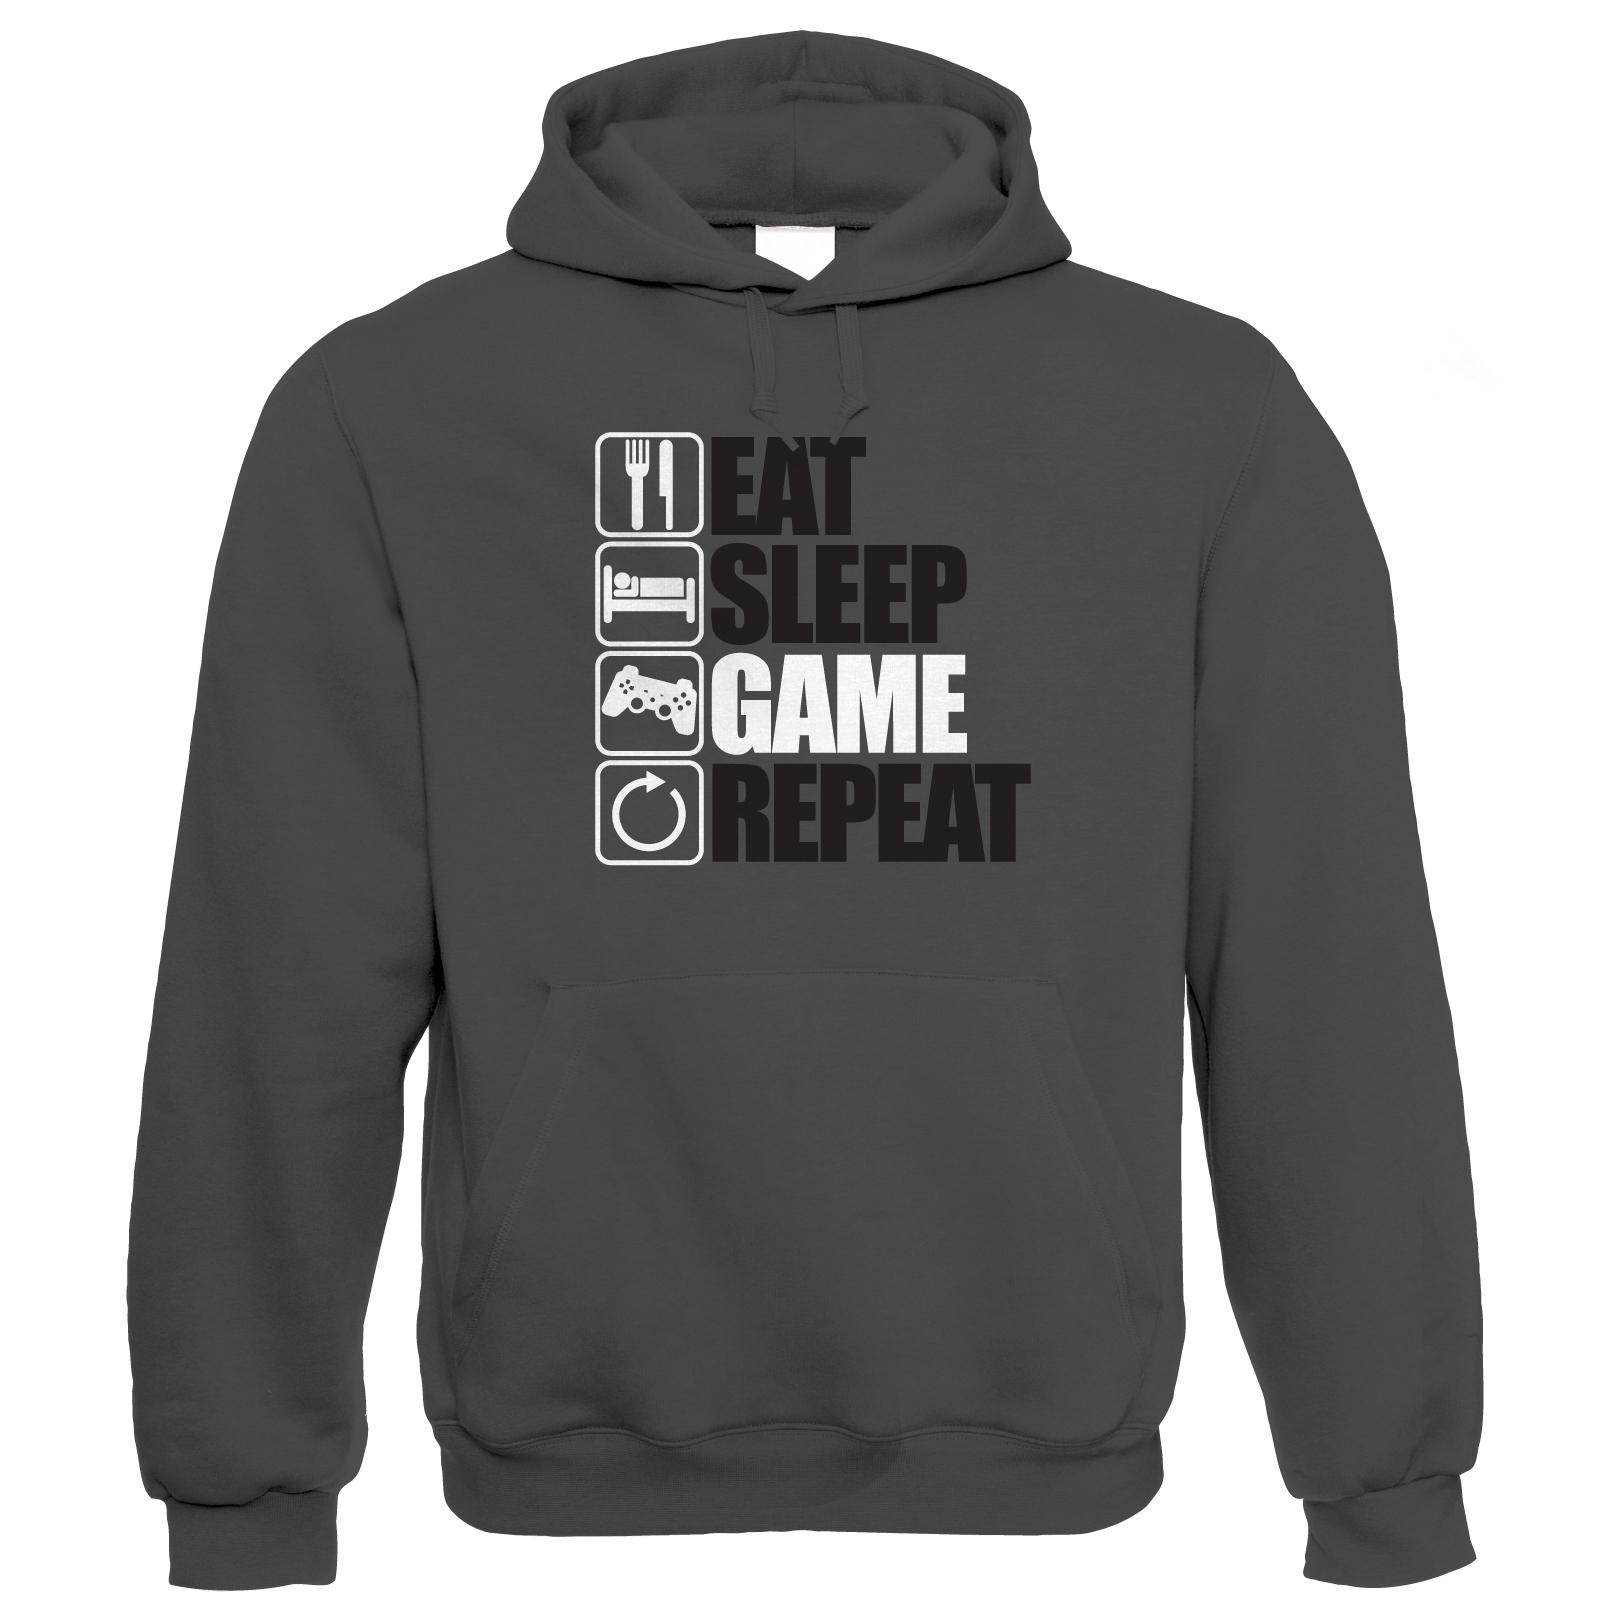 bluza dla gracza zestawienie